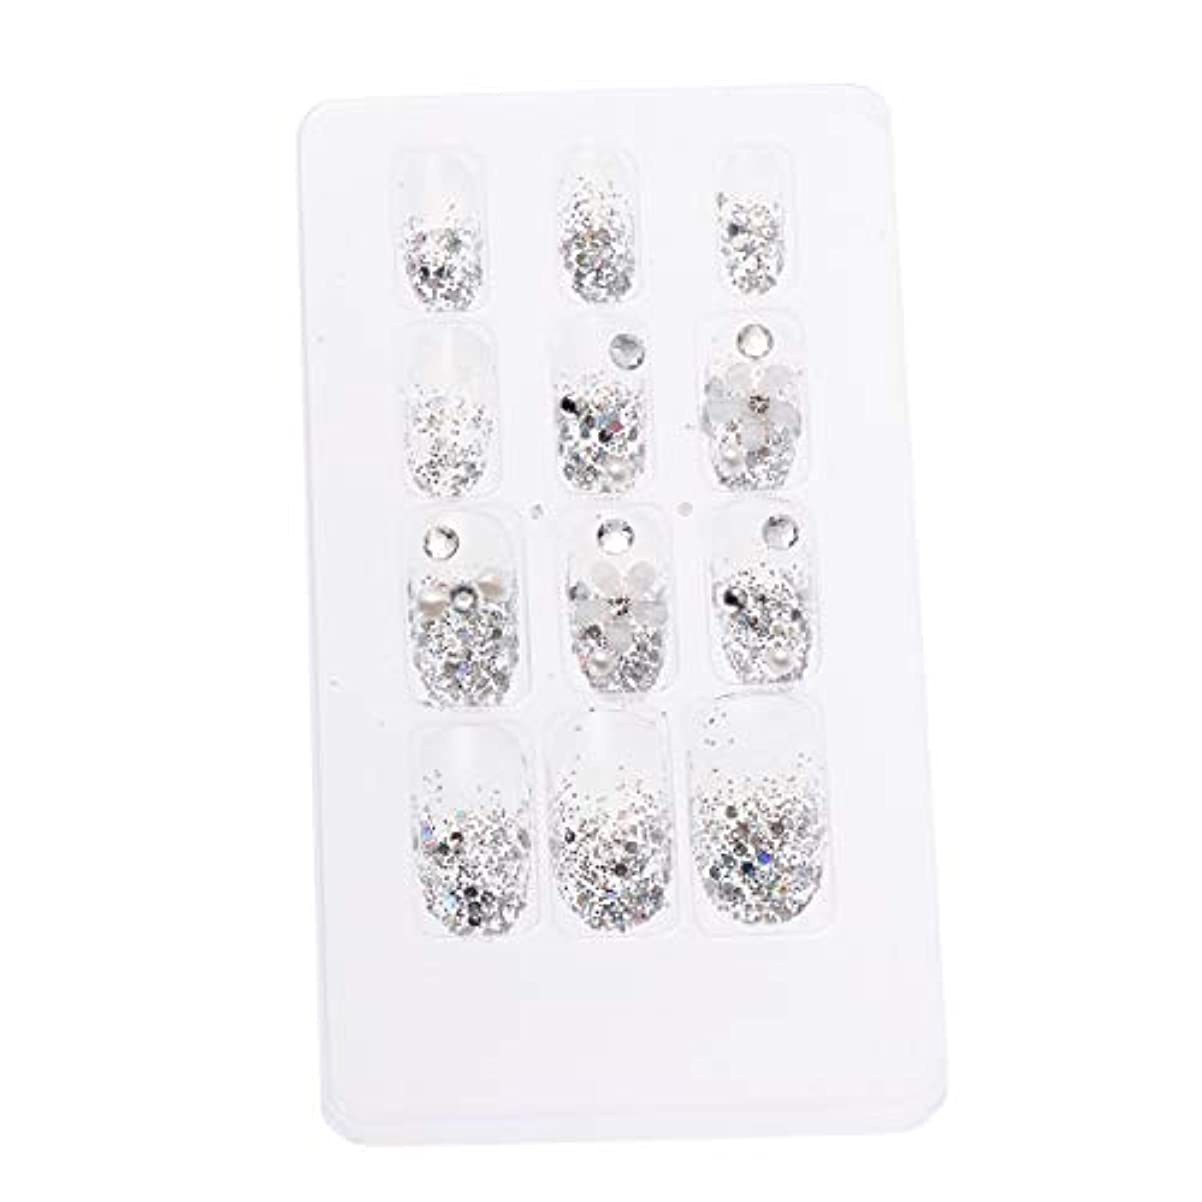 傾向がある決定するラインLURROSE 24ピースネイルステッカー 人工ダイヤモンド装飾ネイルアート用ブライダル女性